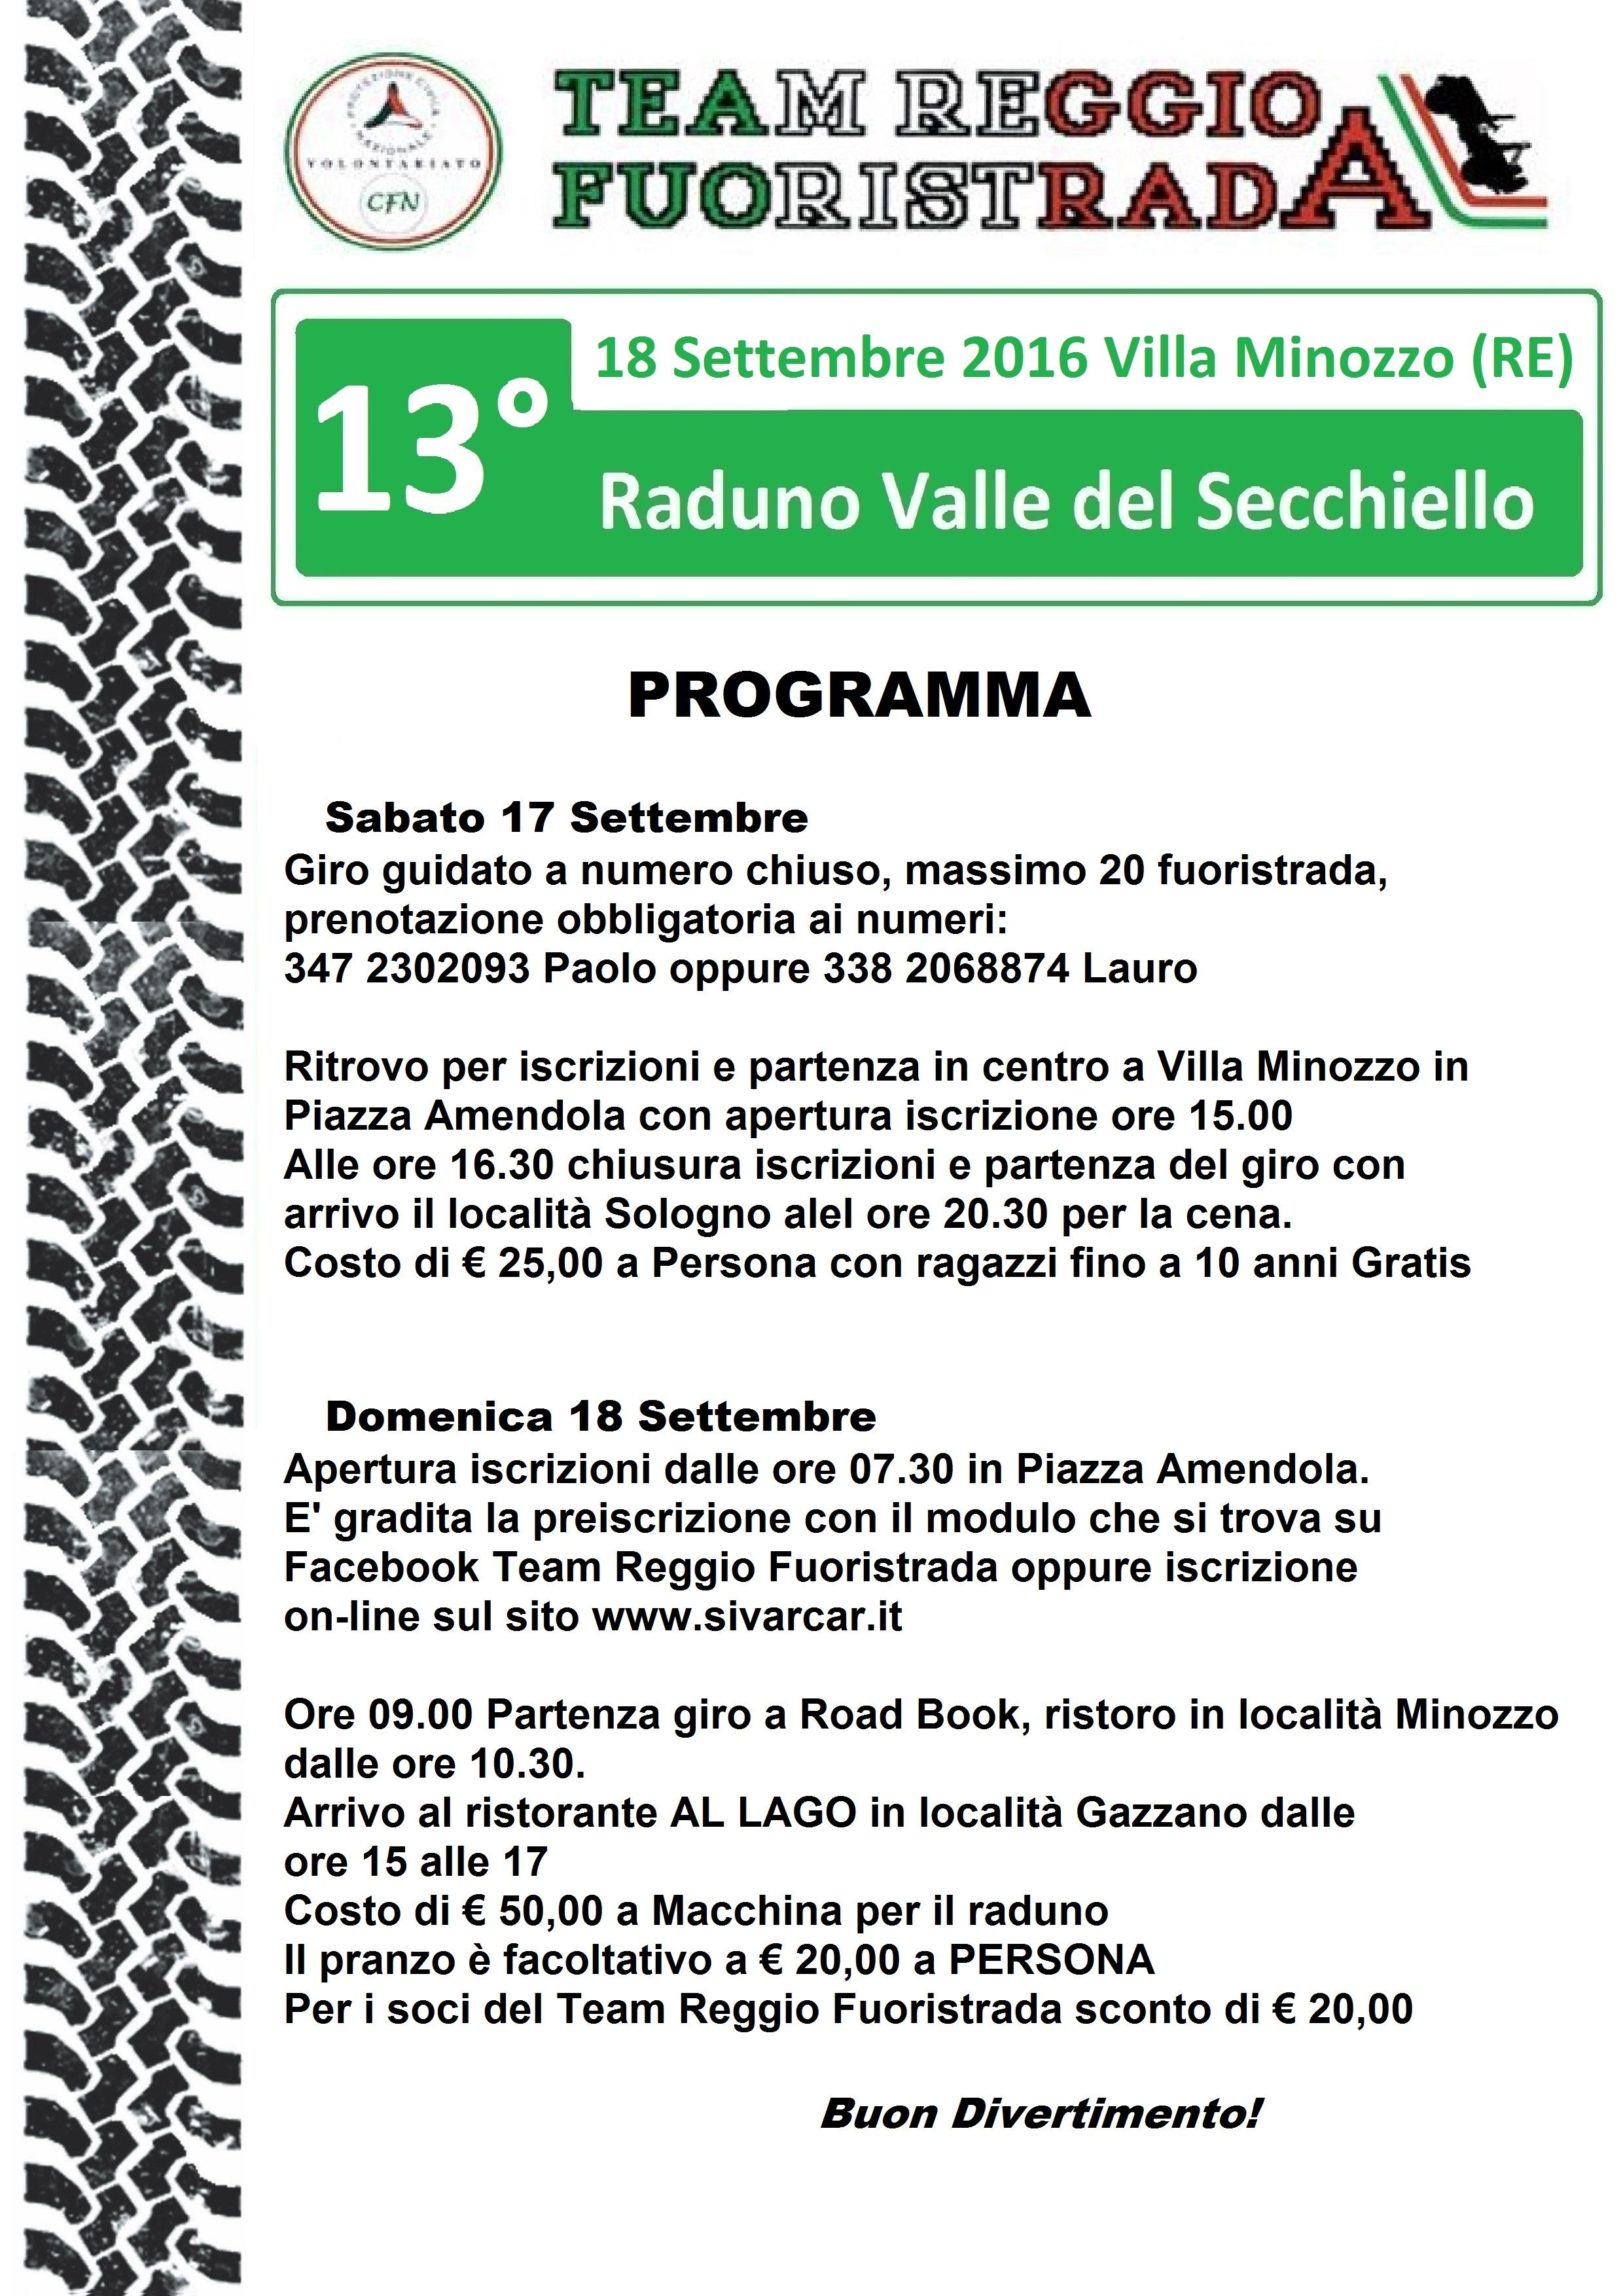 2016 Valle del Secchiello - programma